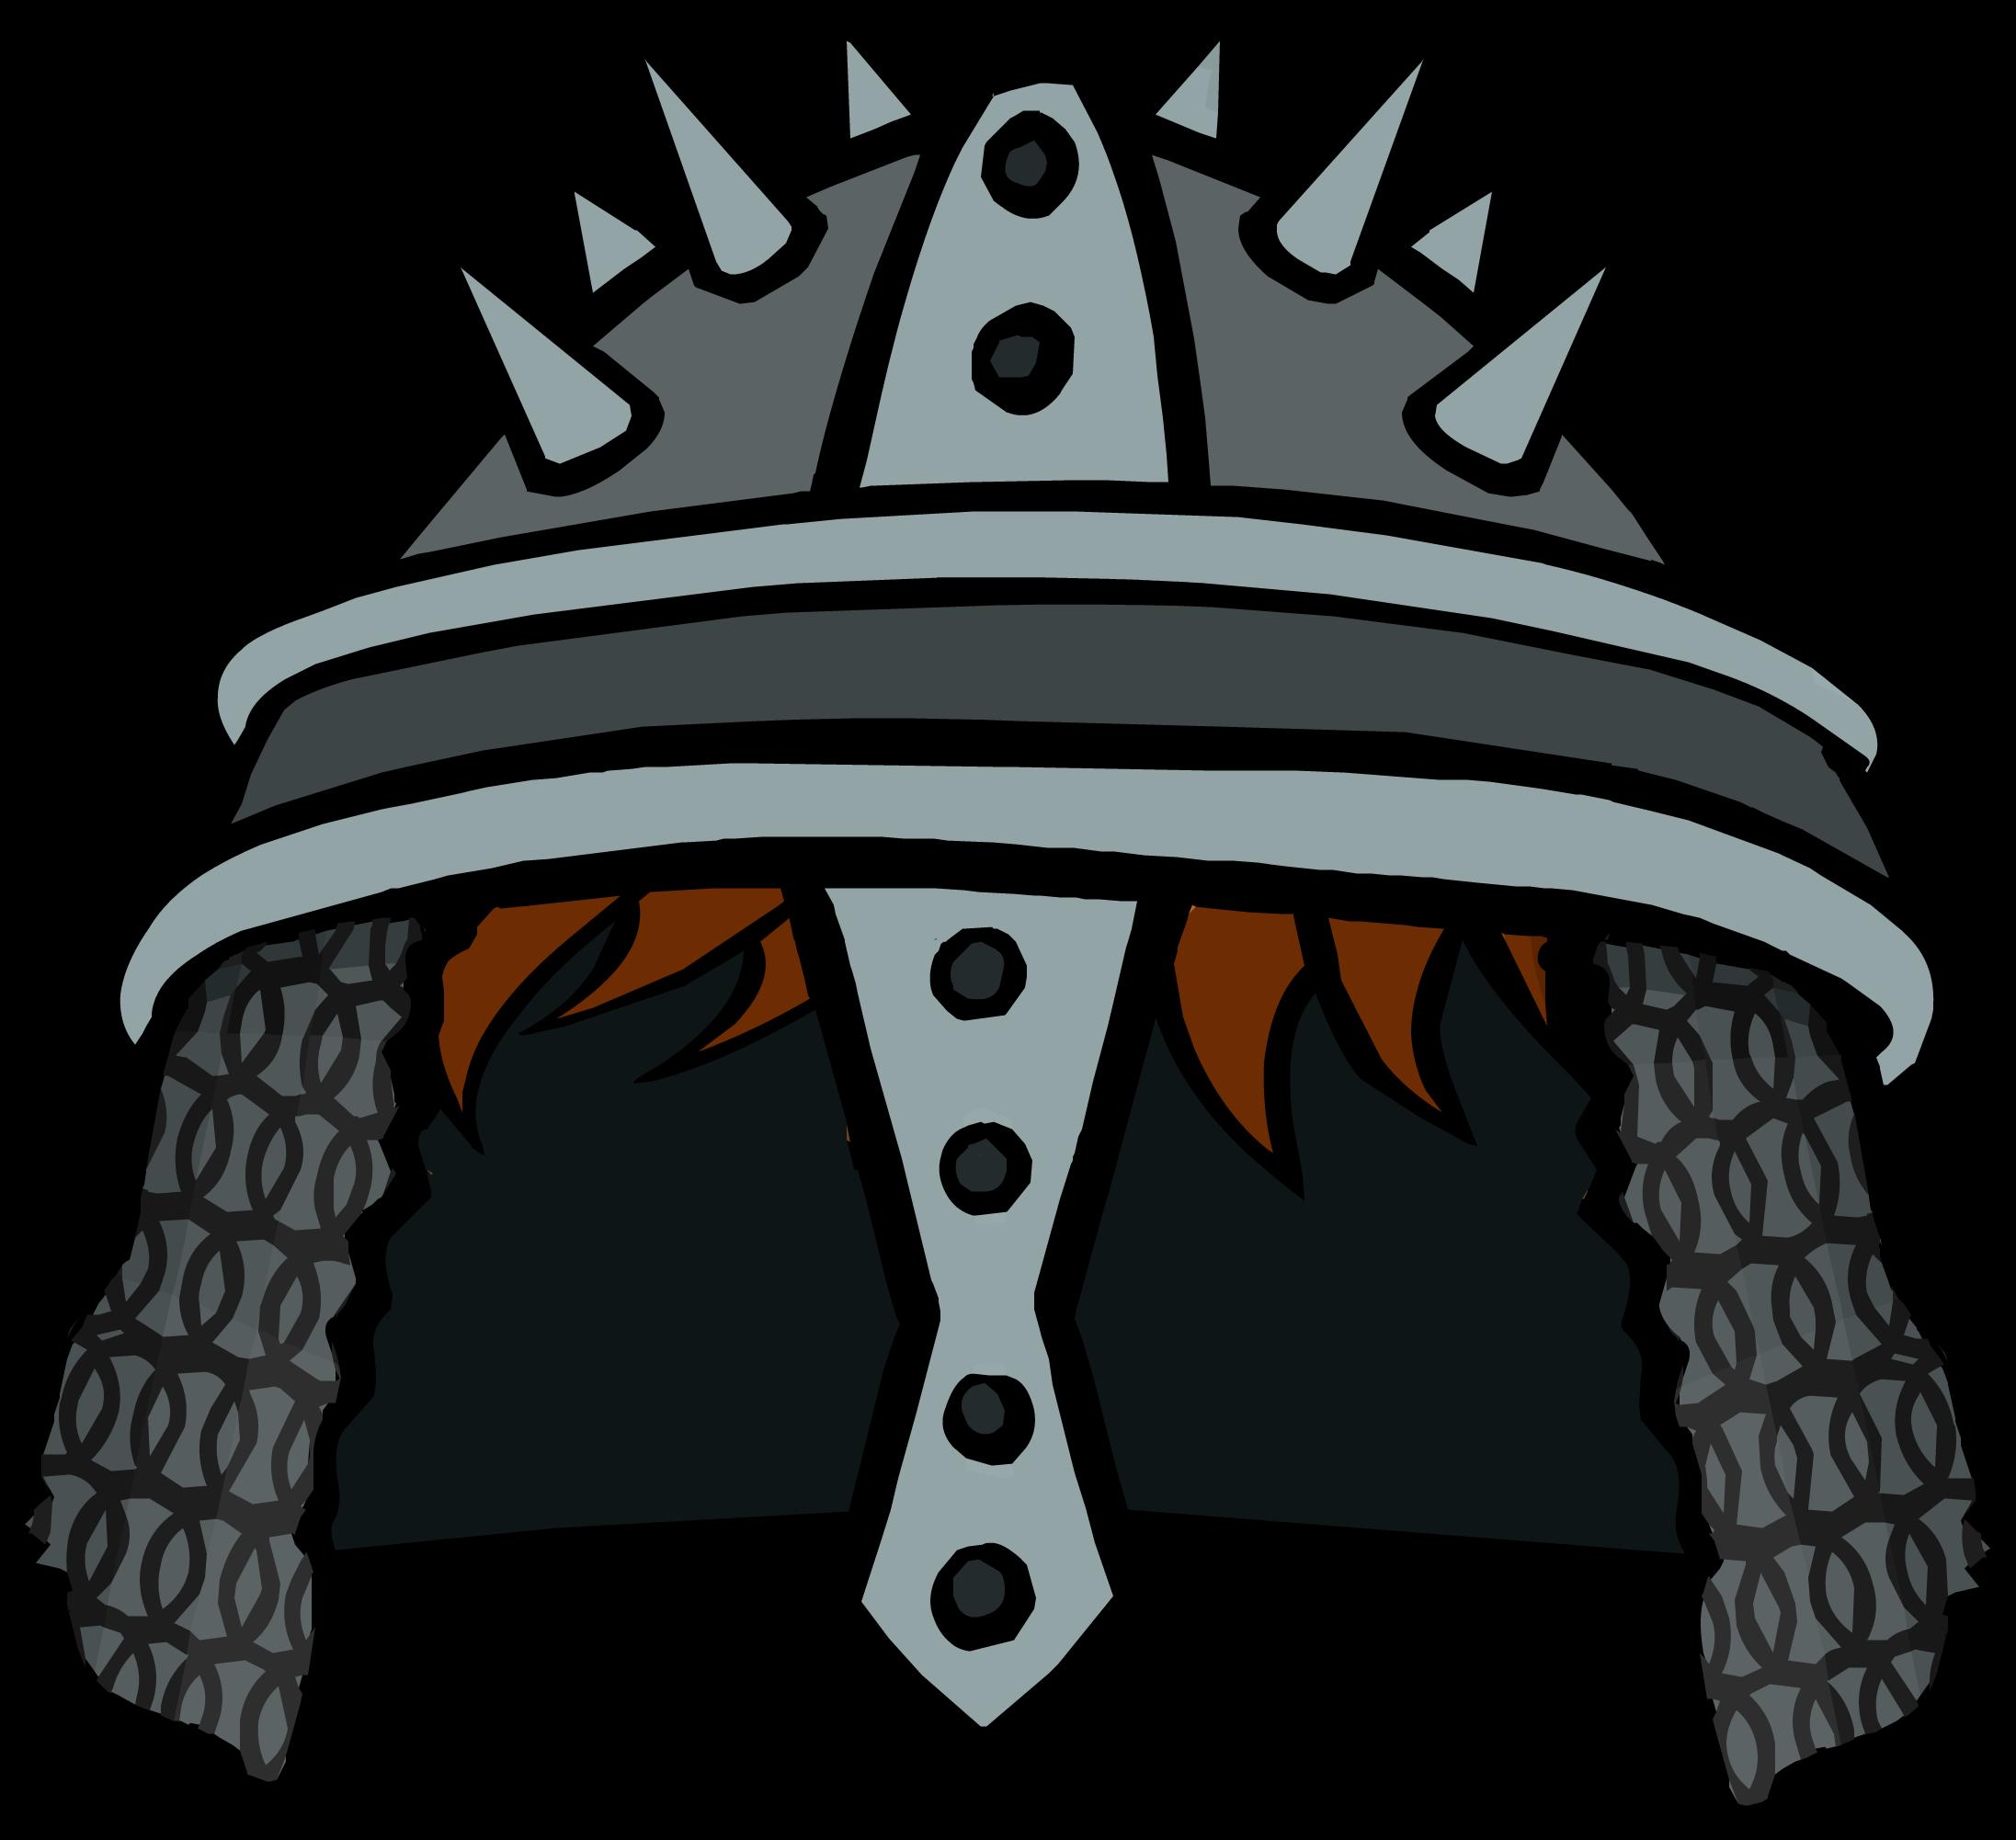 Warrior clipart warrior helmet. Spiked helm club penguin